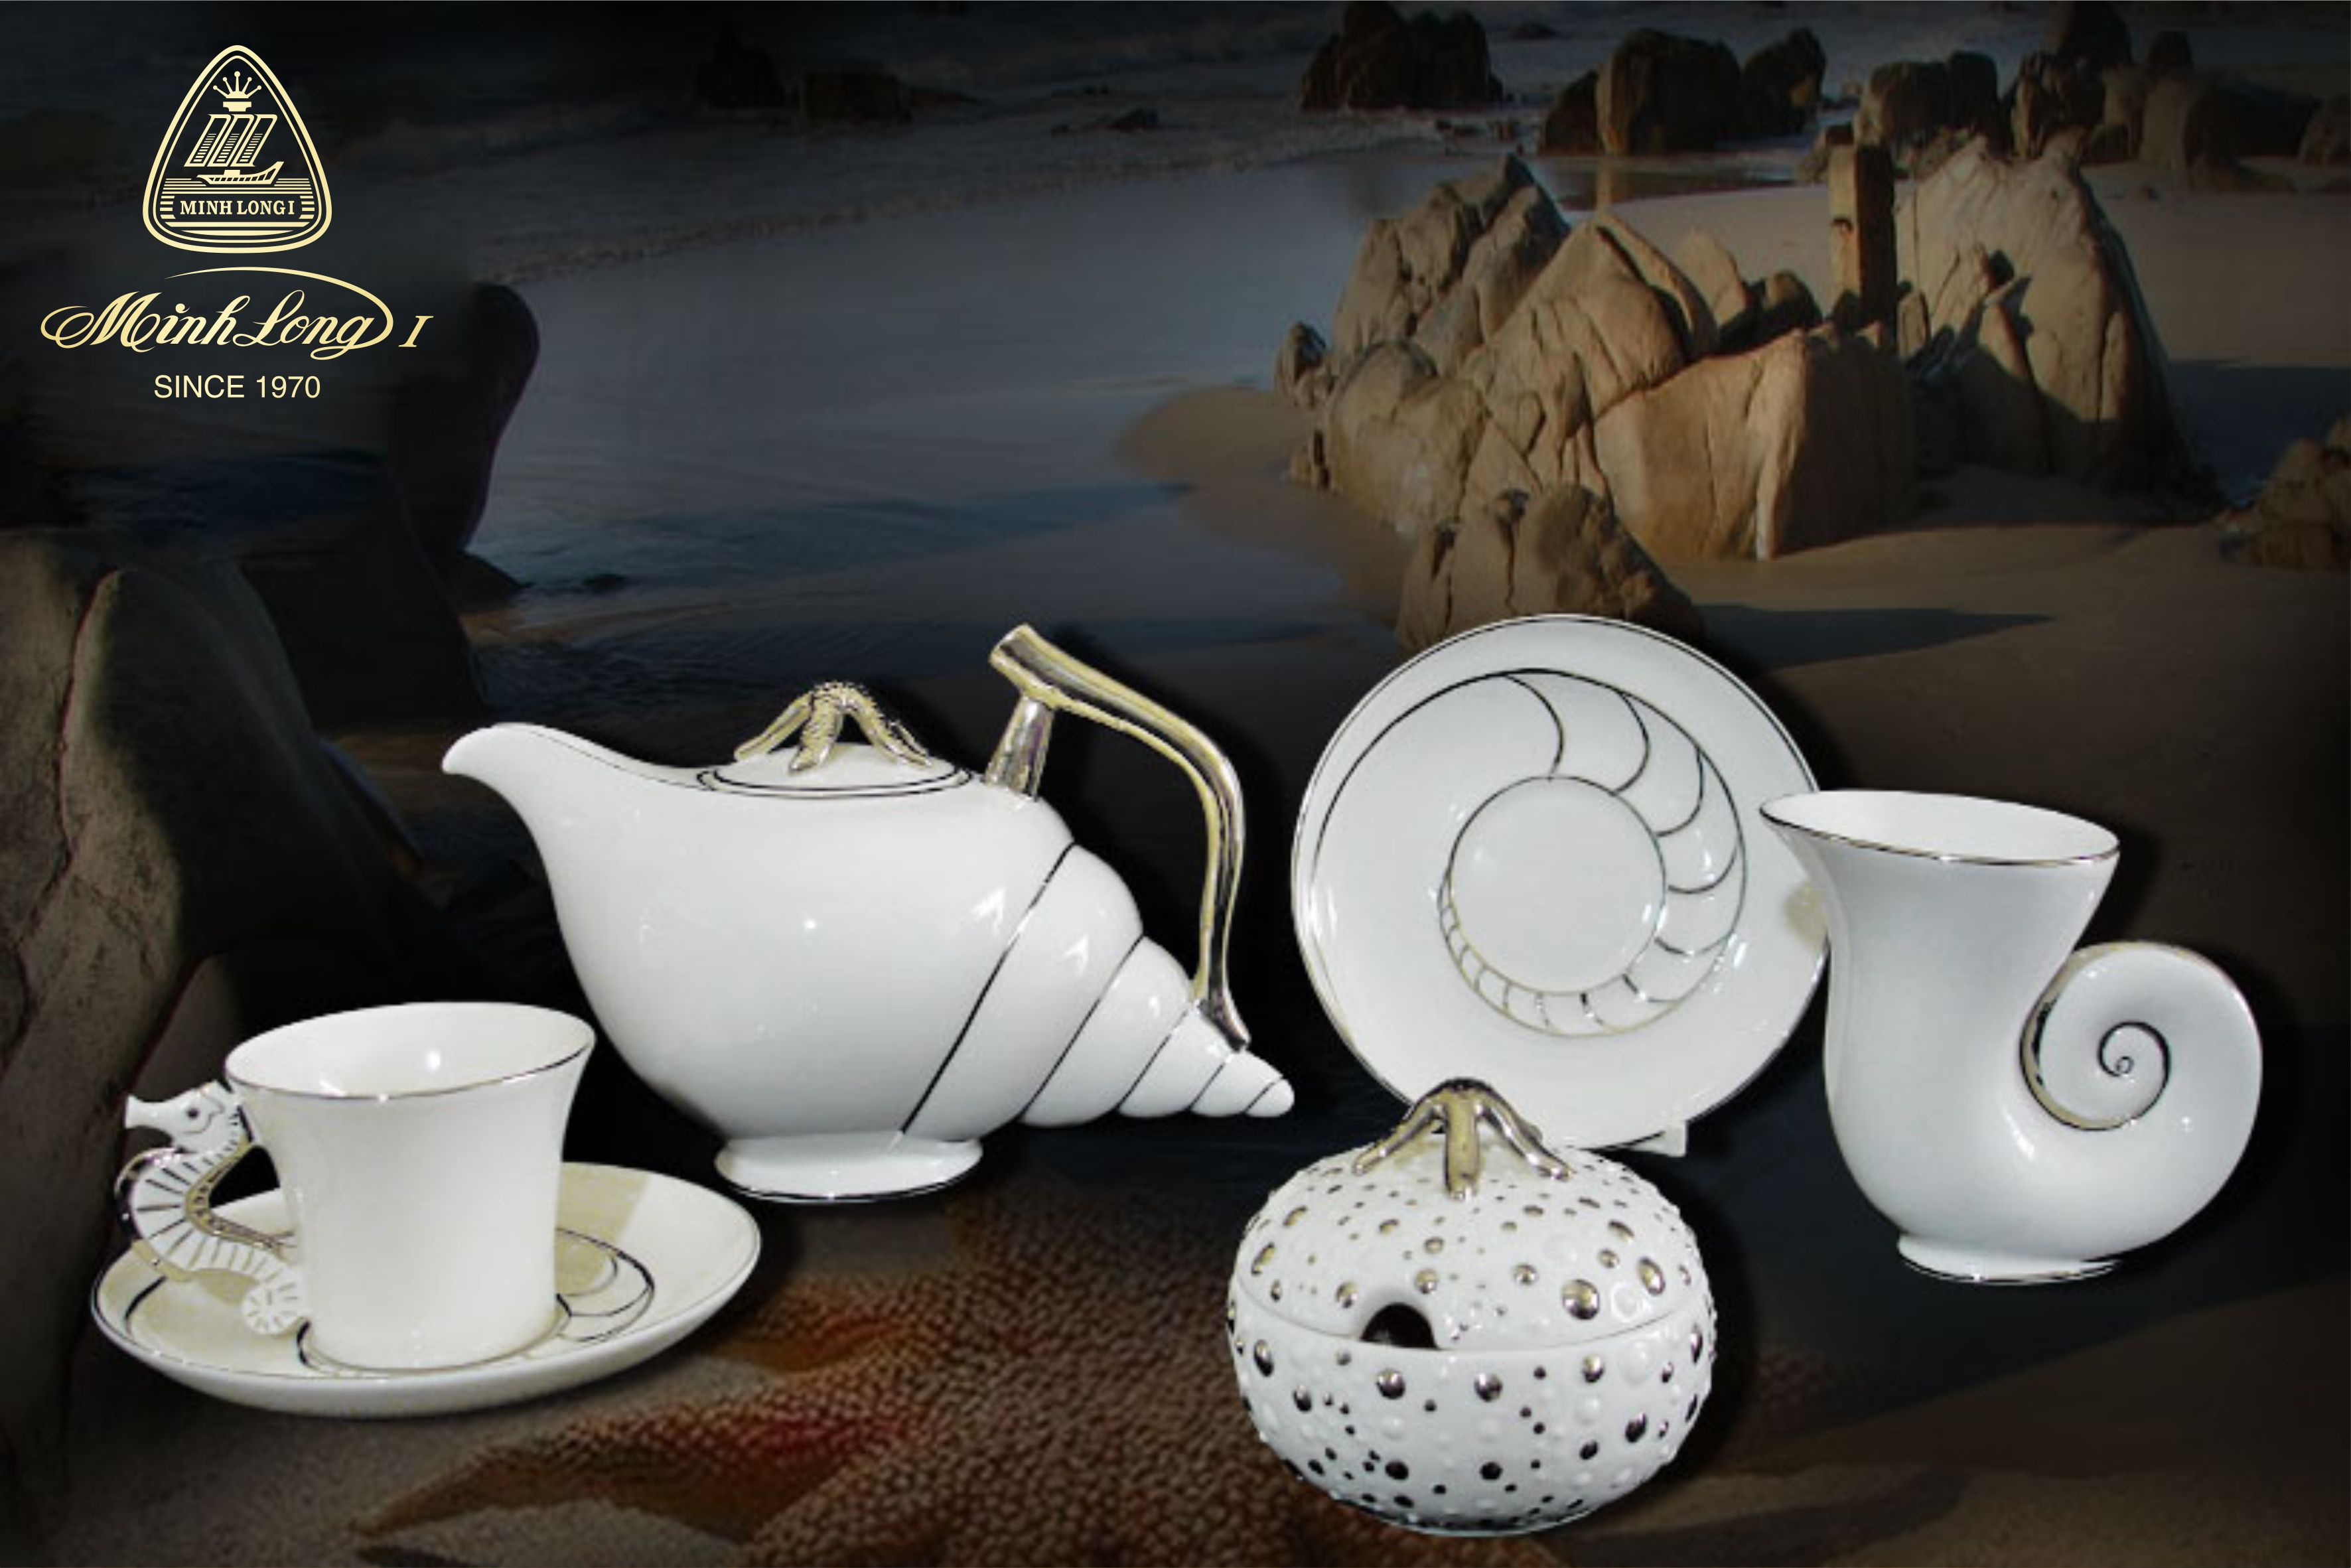 Bộ trà 1.2L Ngọc Biển Chỉ Bạch Kim Minh Long